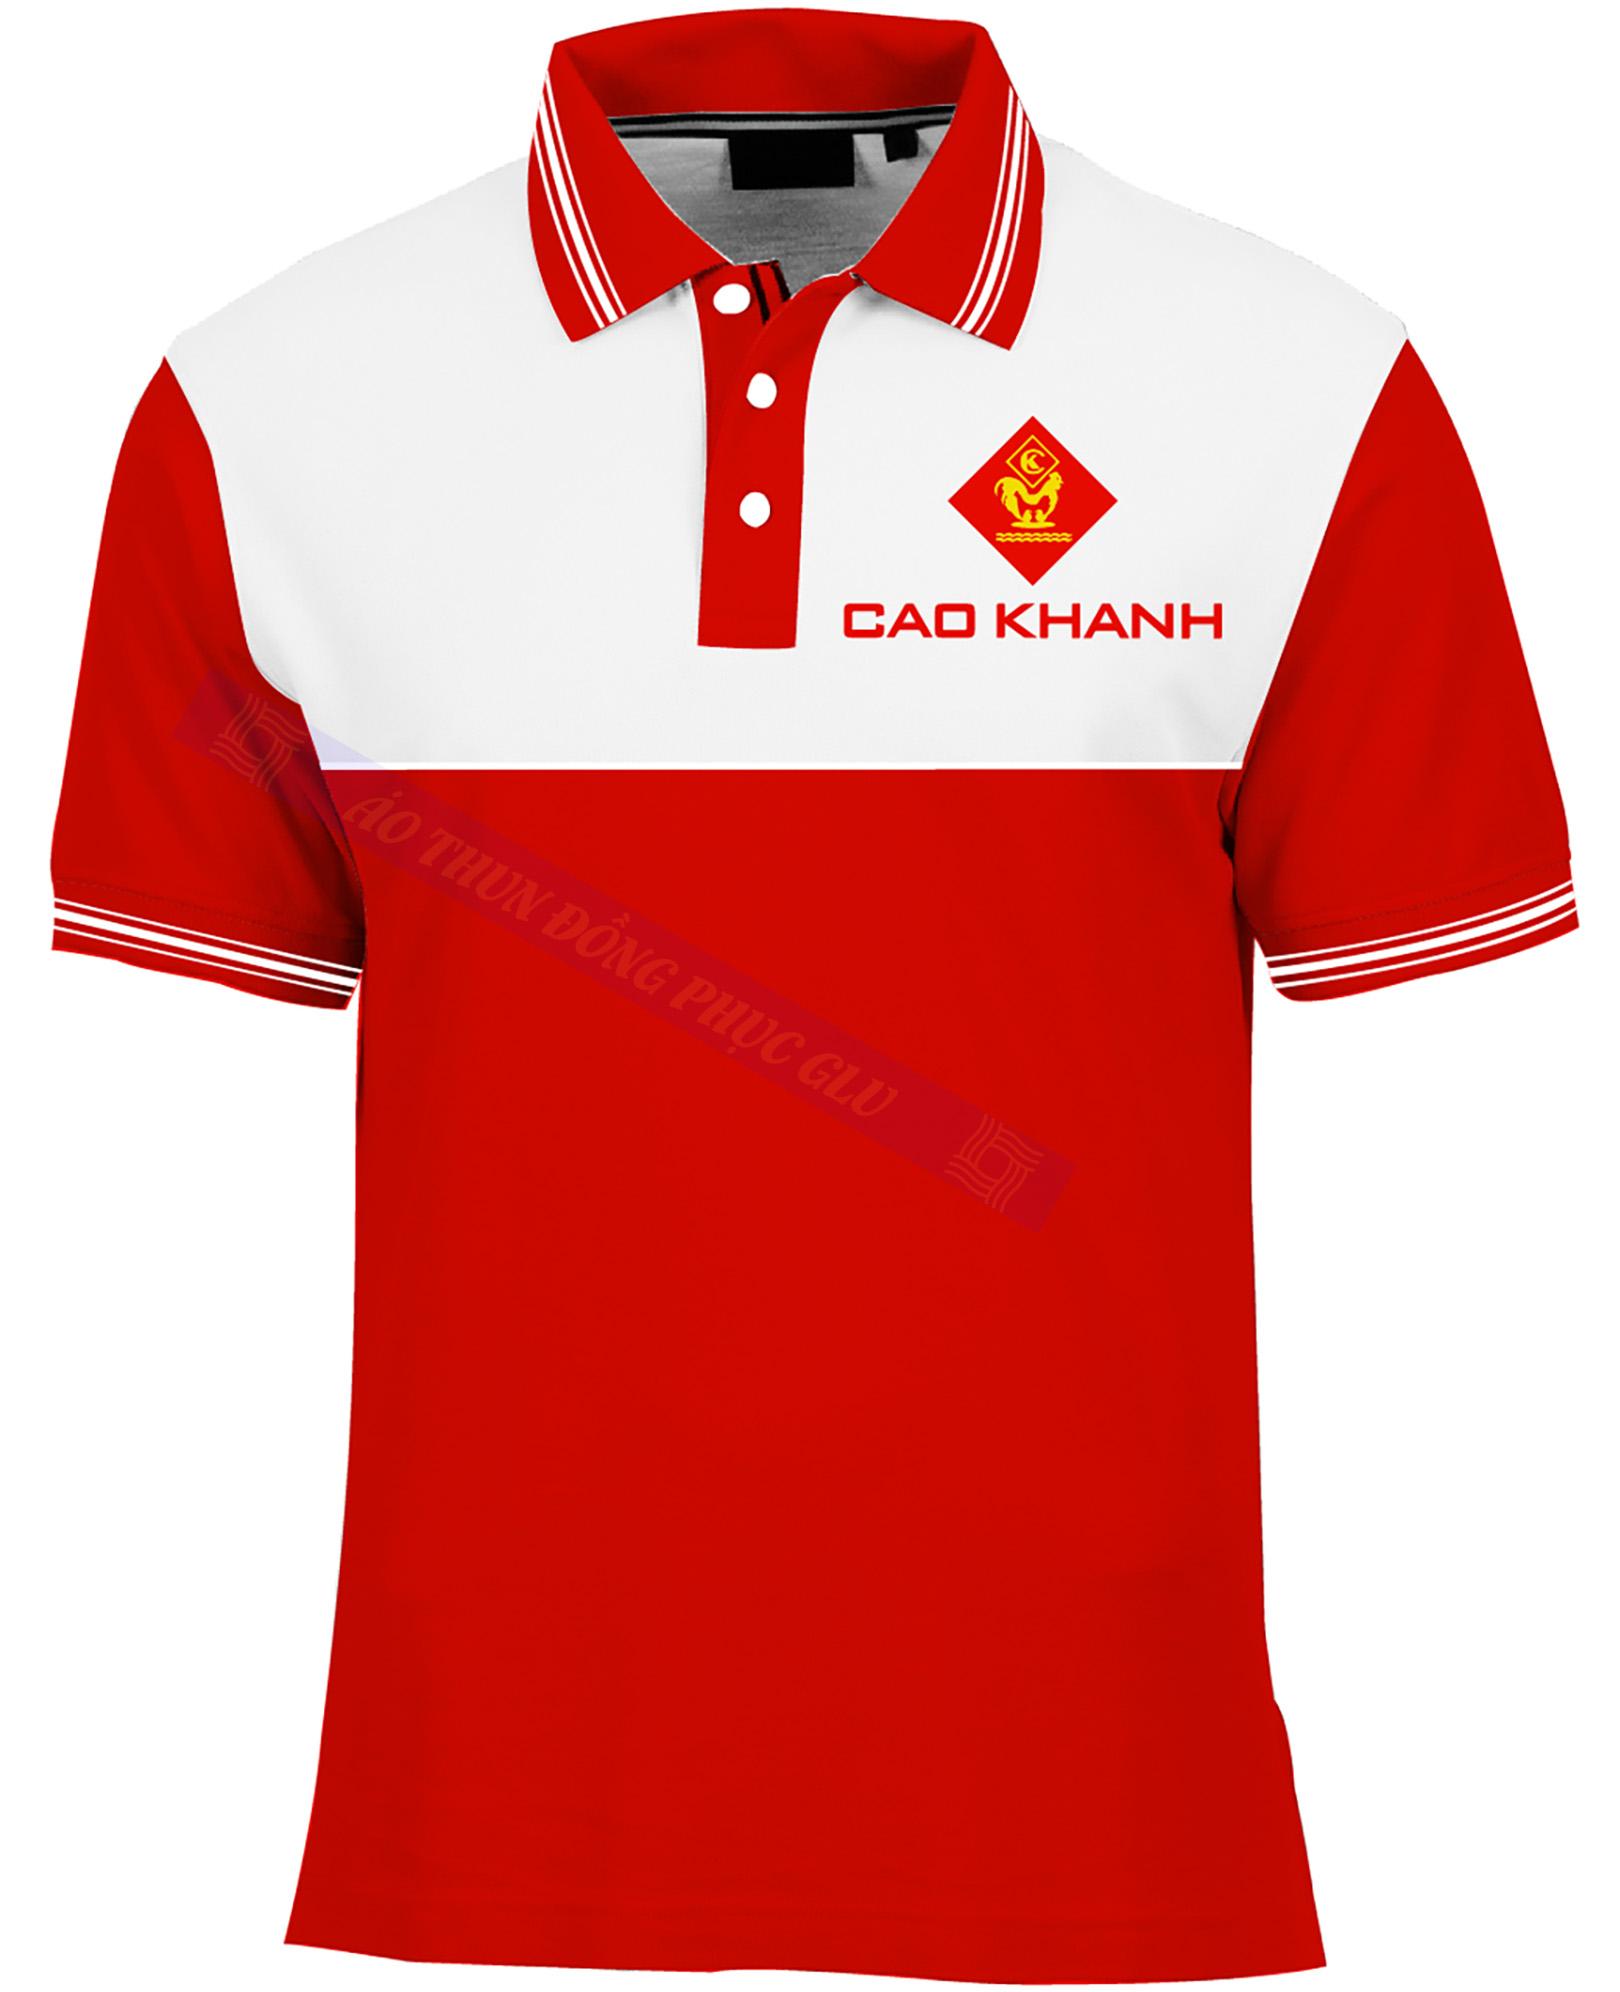 AO THUN CAO KHANH AT345 áo thun đồng phục đẹp